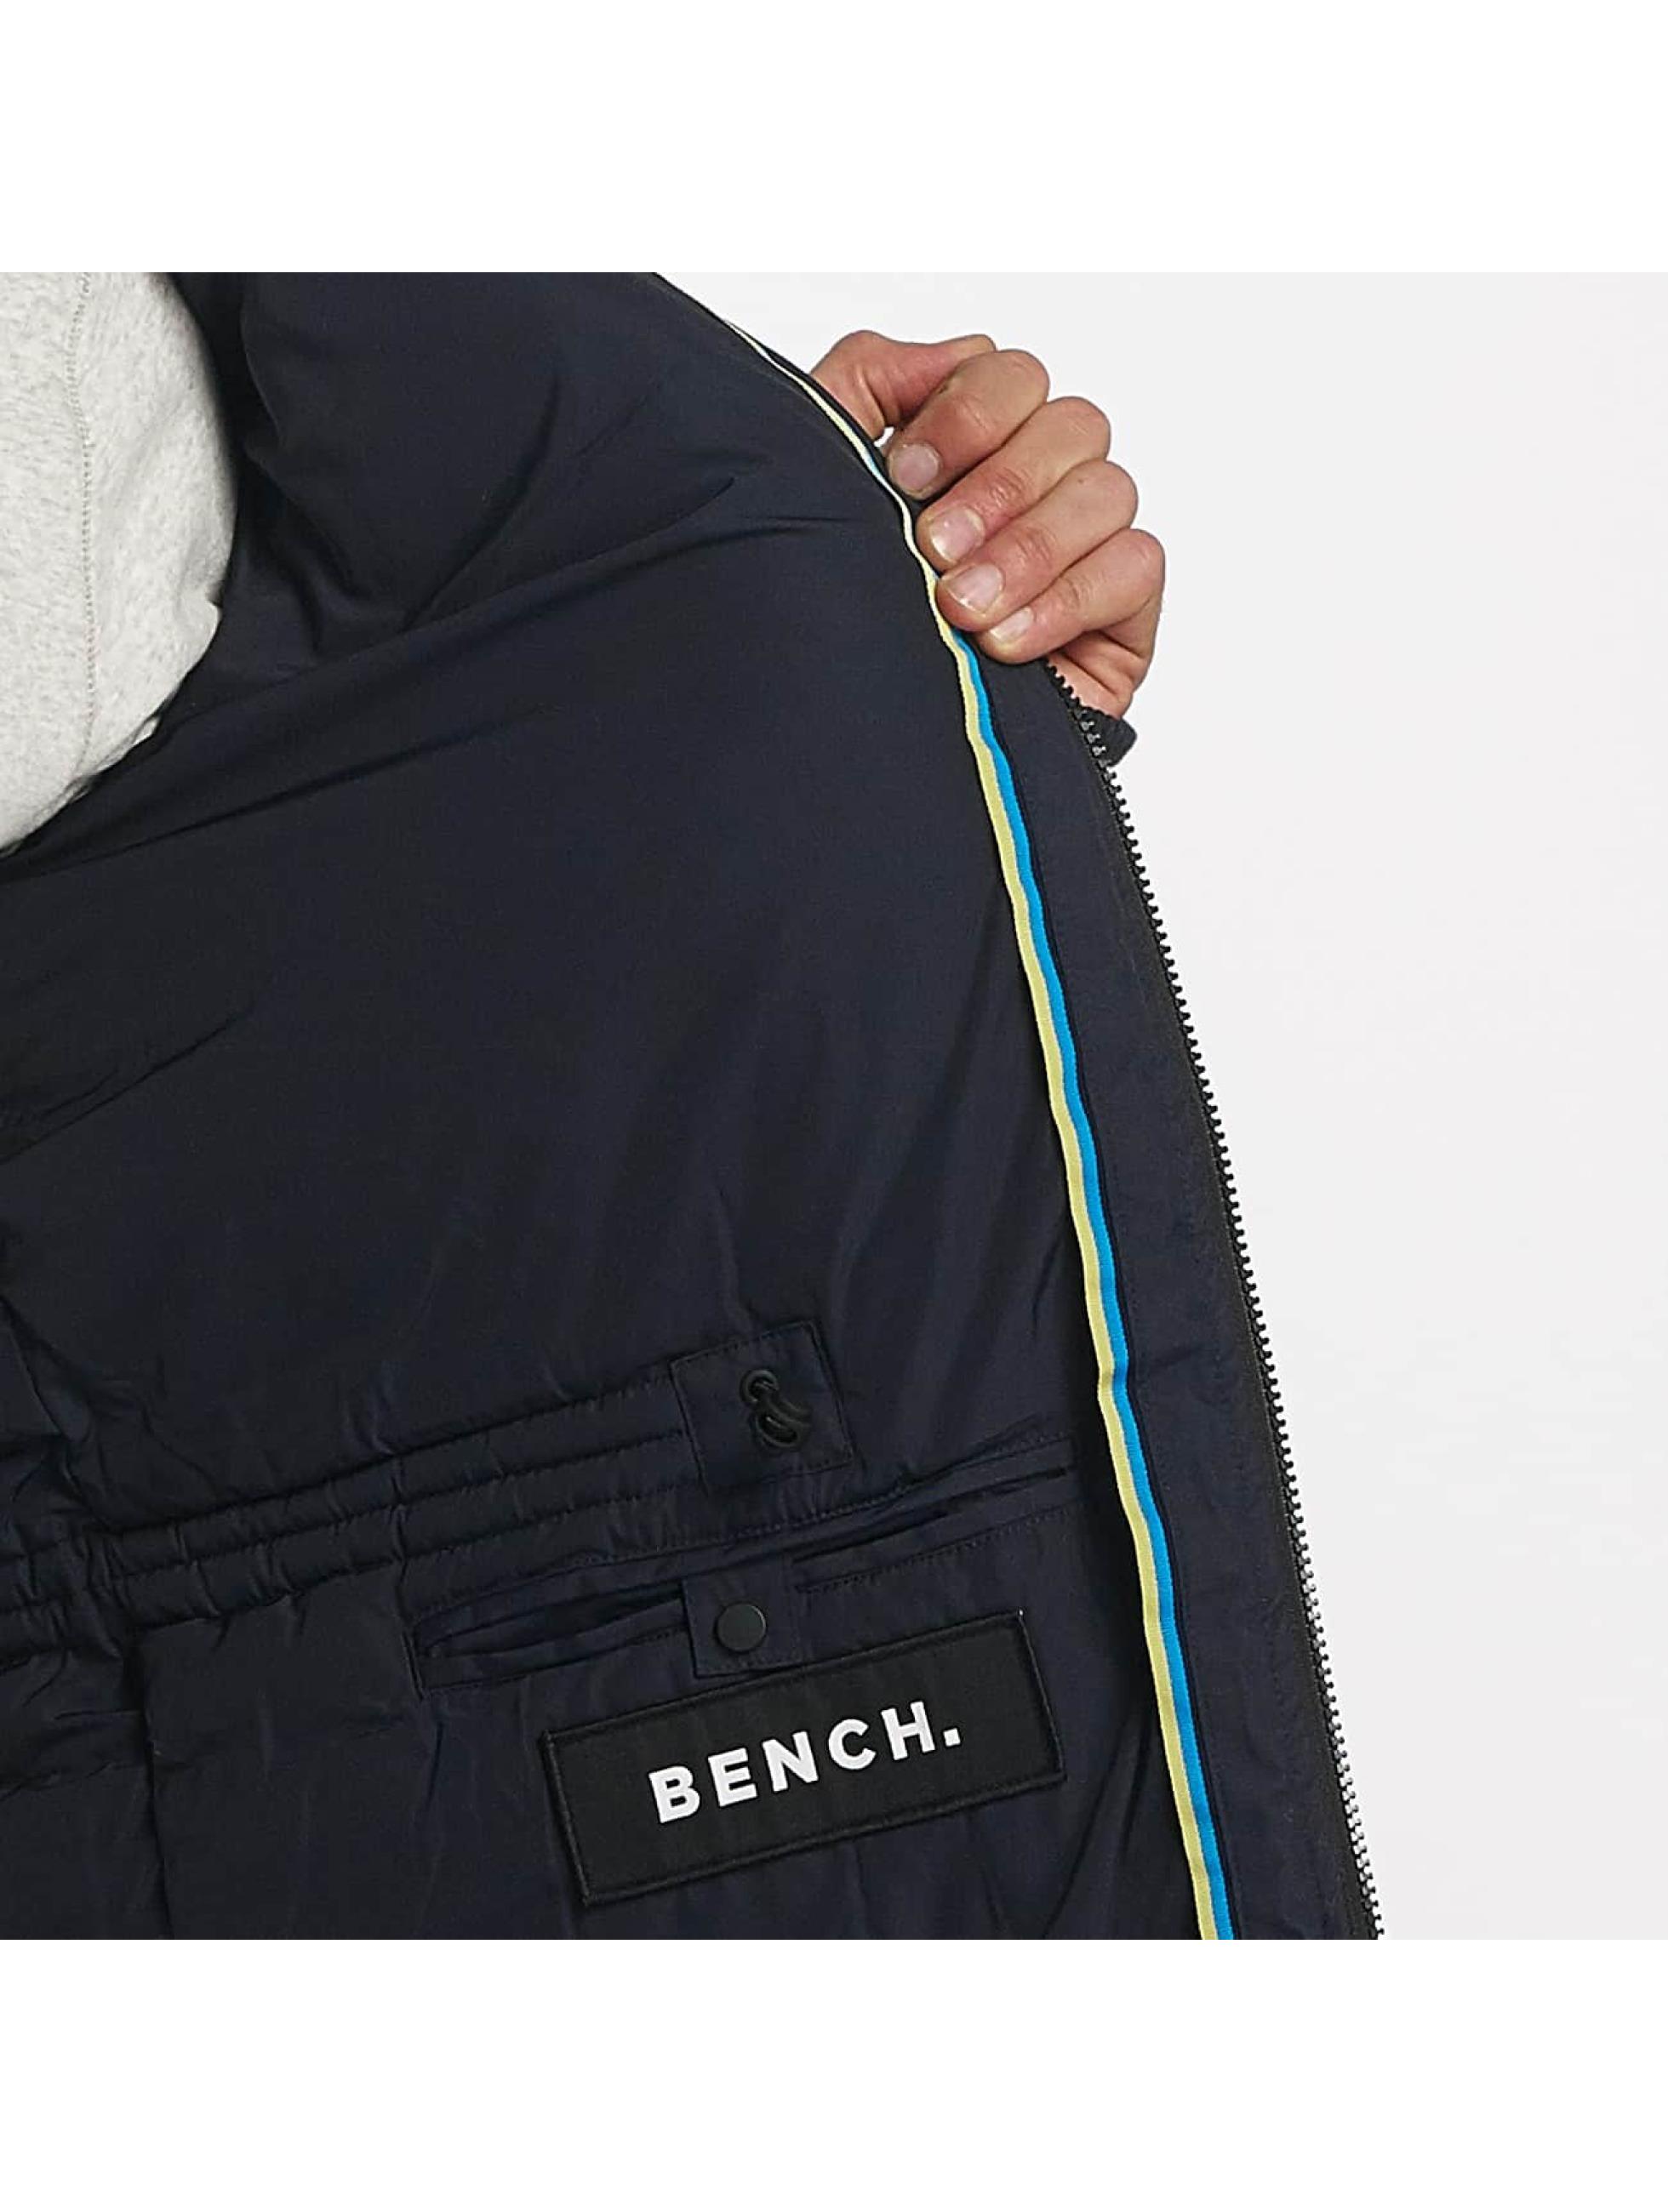 Bench Vinterjakker BLMK001056 blå